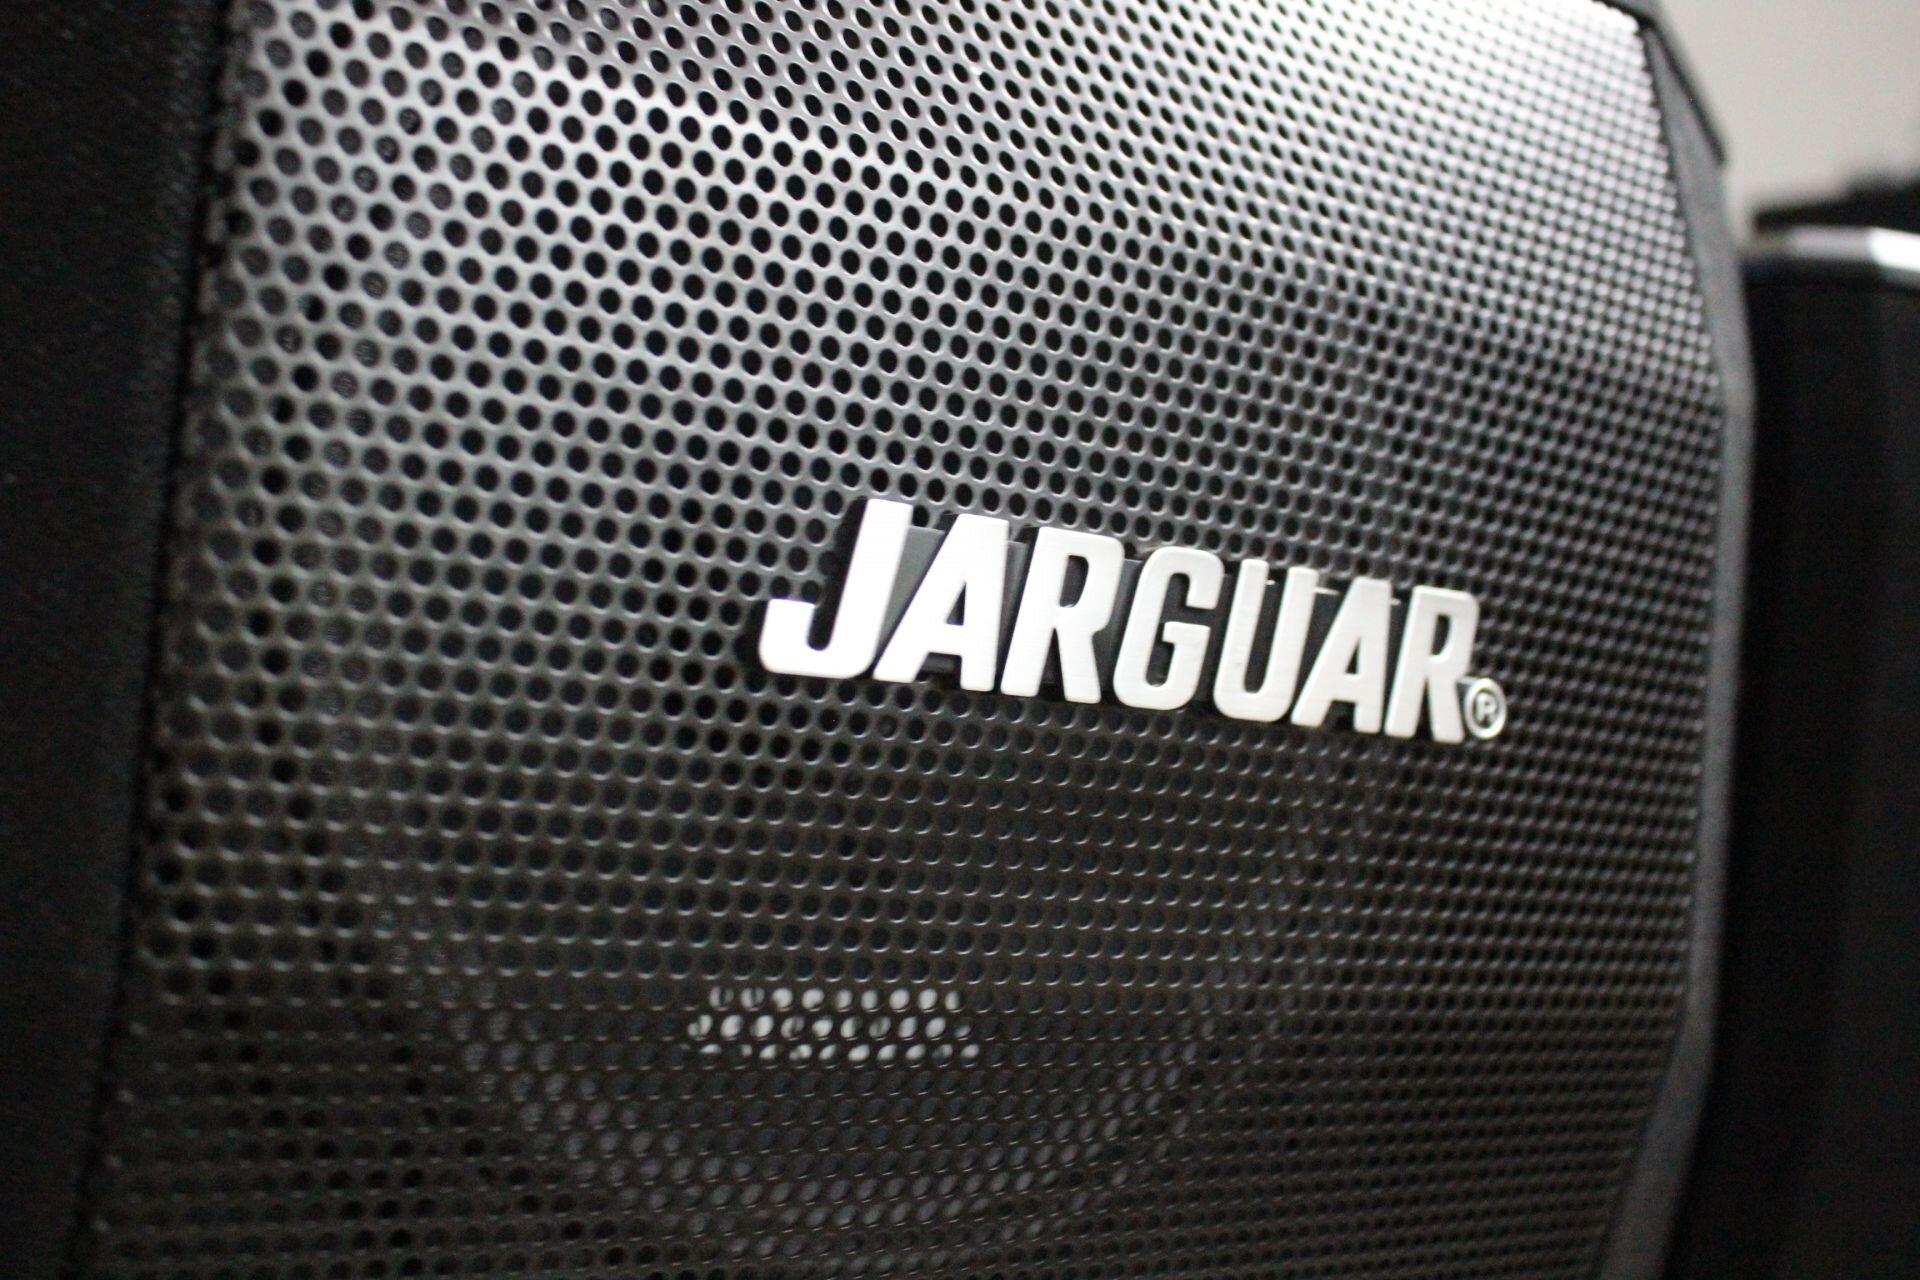 Thiết bị loa rất thịnh hành của Jarguar (nguồn: thienvu.com.vn)